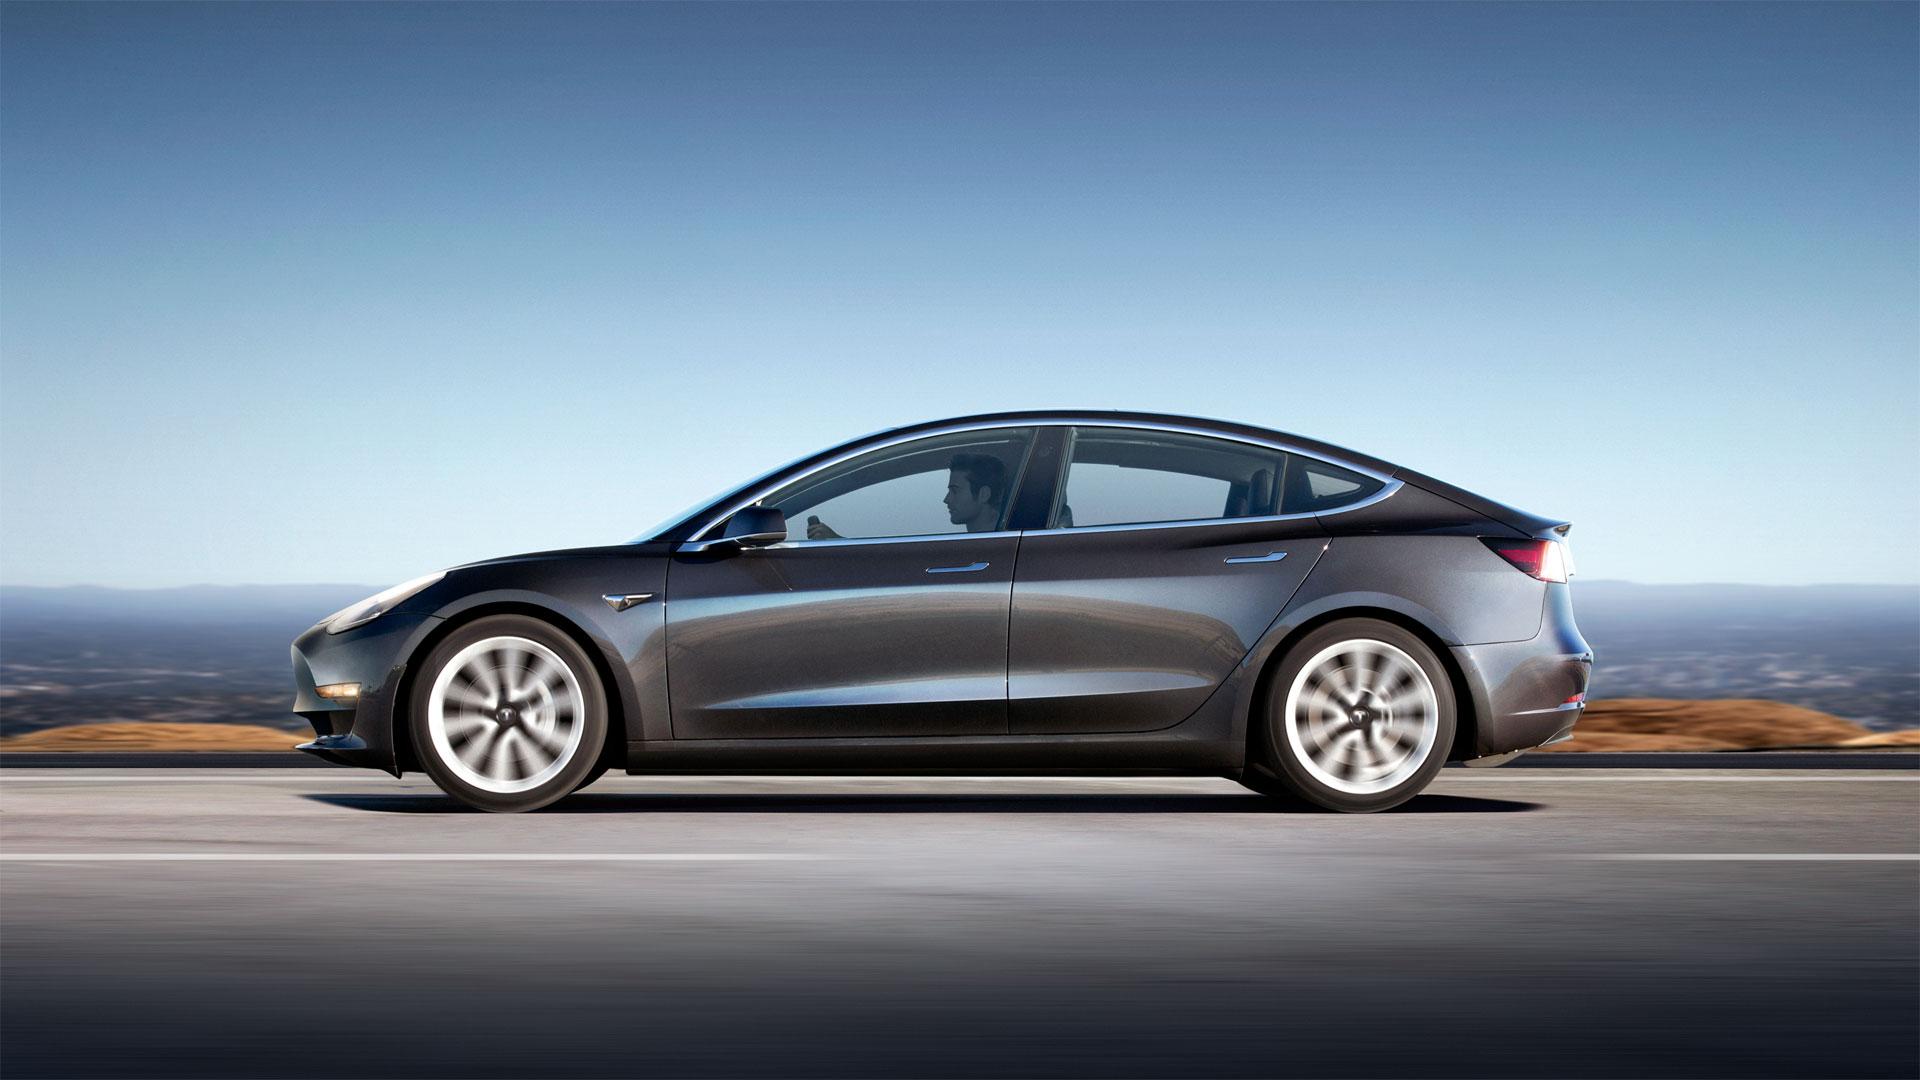 Automobilbranche-Kaufen-Sie-sich-lieber-ein-Luxusauto-statt-Aktien-Chartanalyse-Lisa-Hauser-GodmodeTrader.de-8